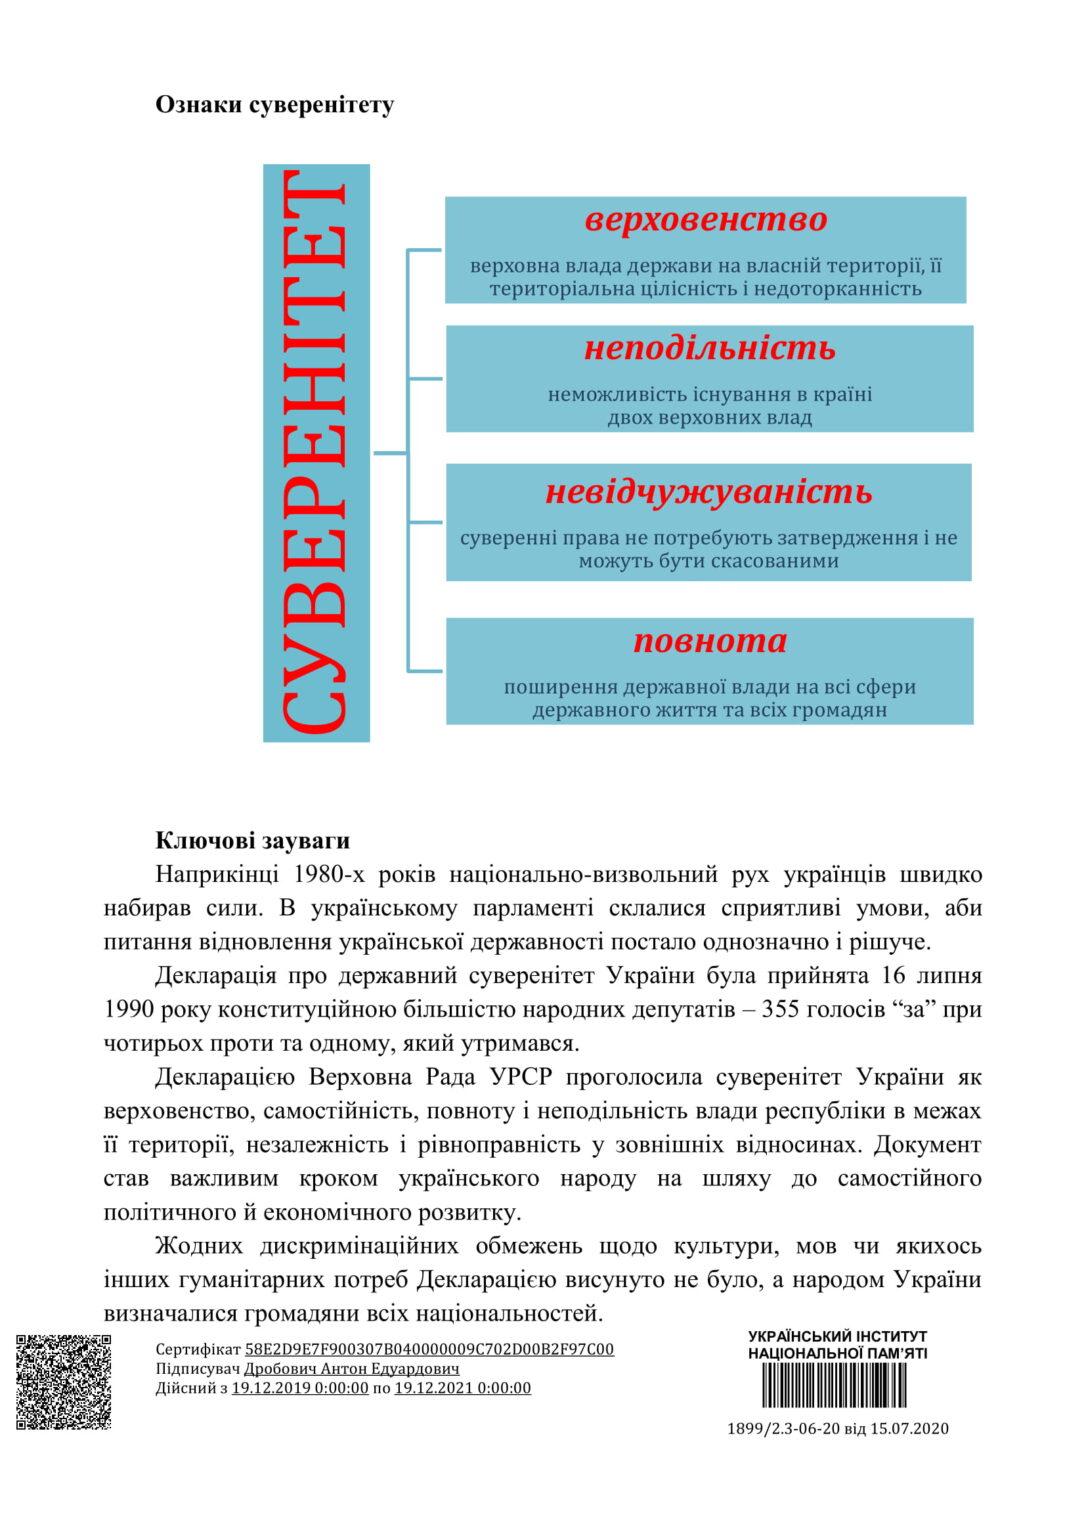 Інформаційні матеріали до 30 років прийняття Декларації-2